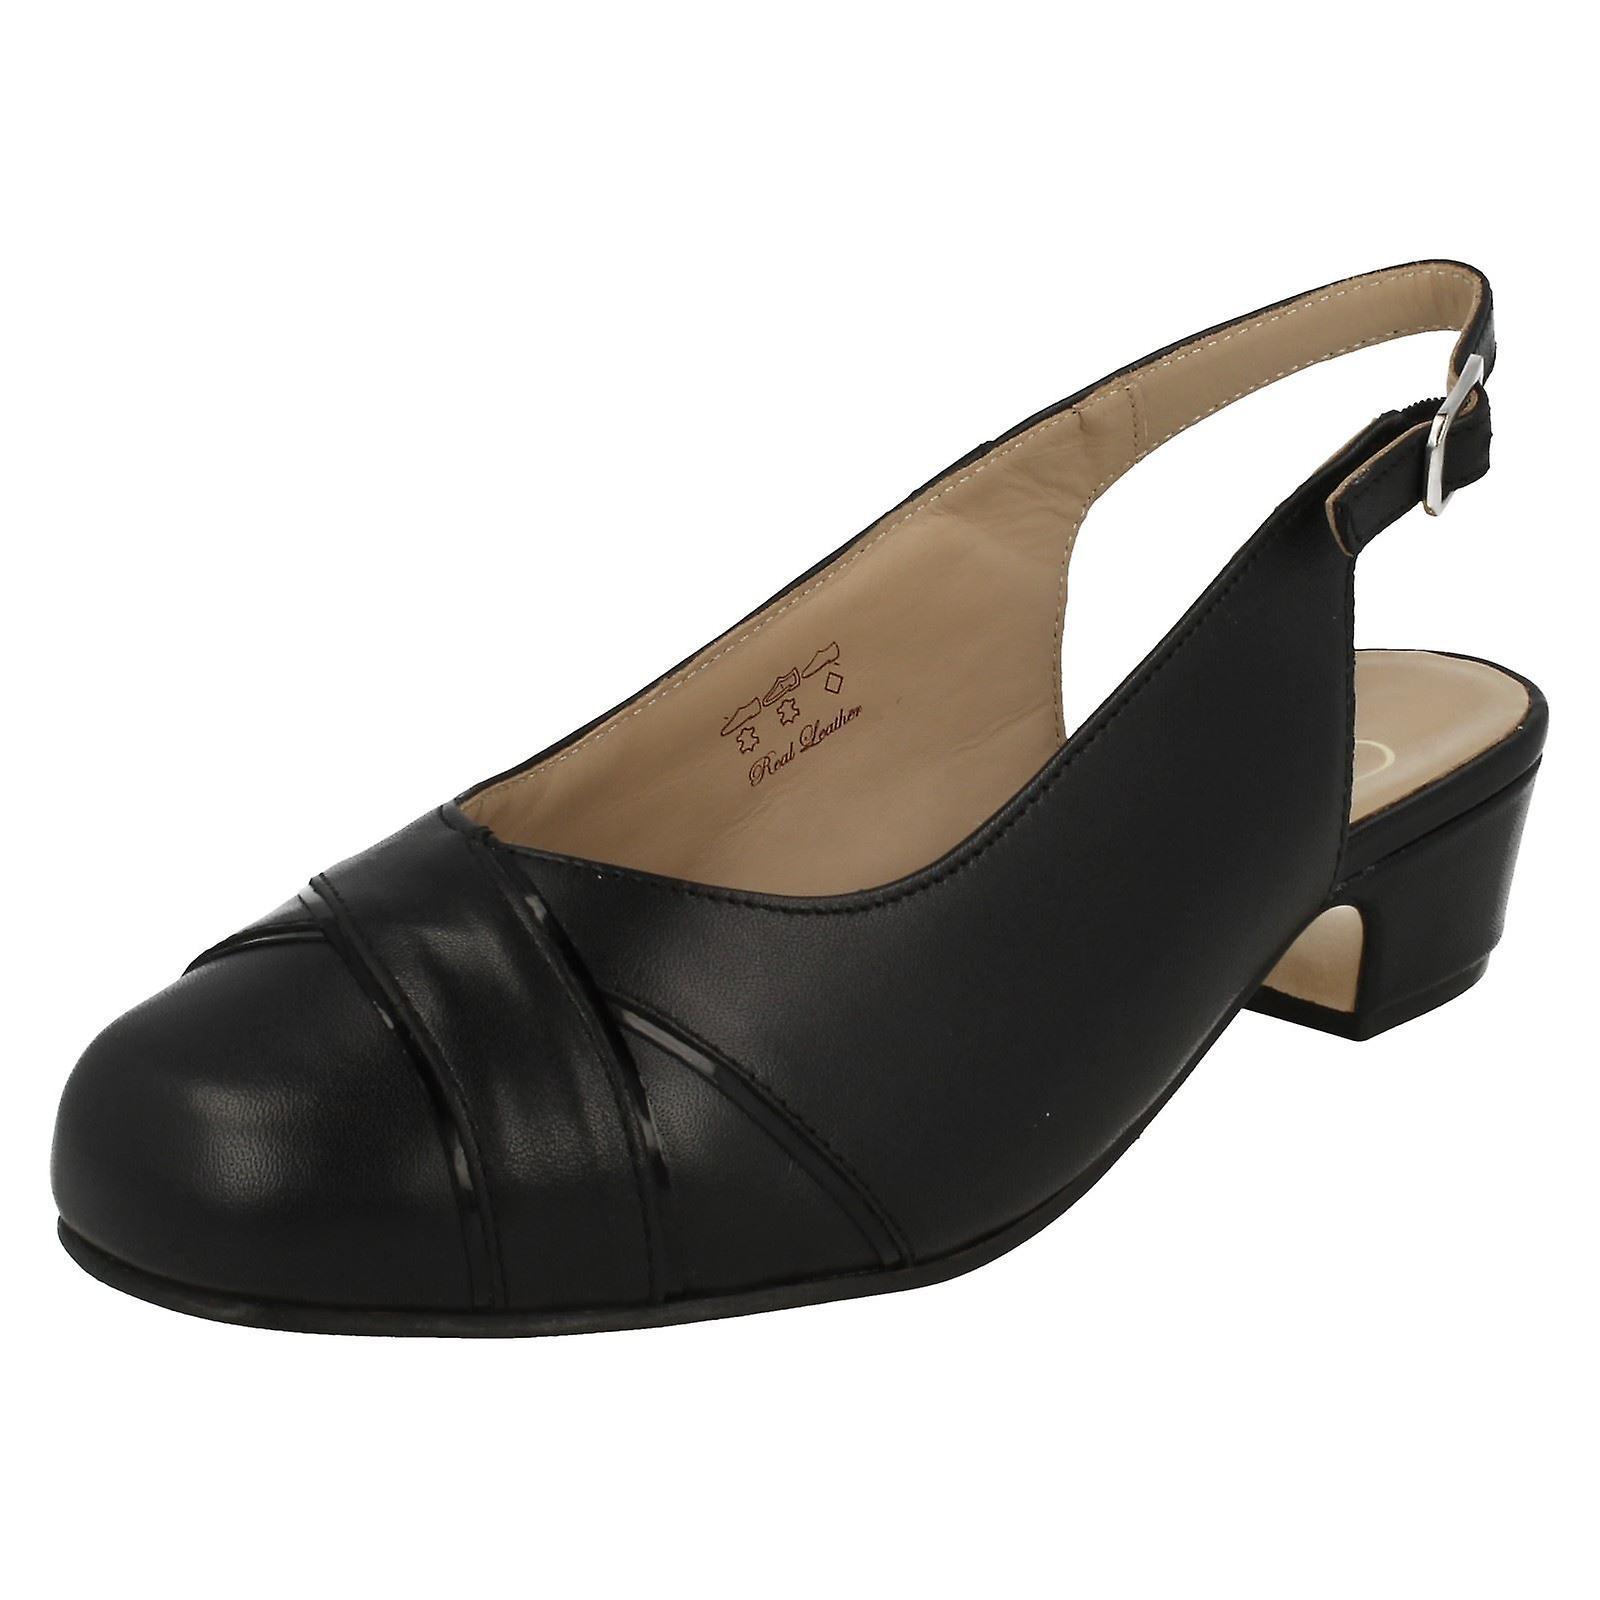 Ladies scarpe con plateau tacco basso Equity Cressy   riparazione    Gentiluomo/Signora Scarpa